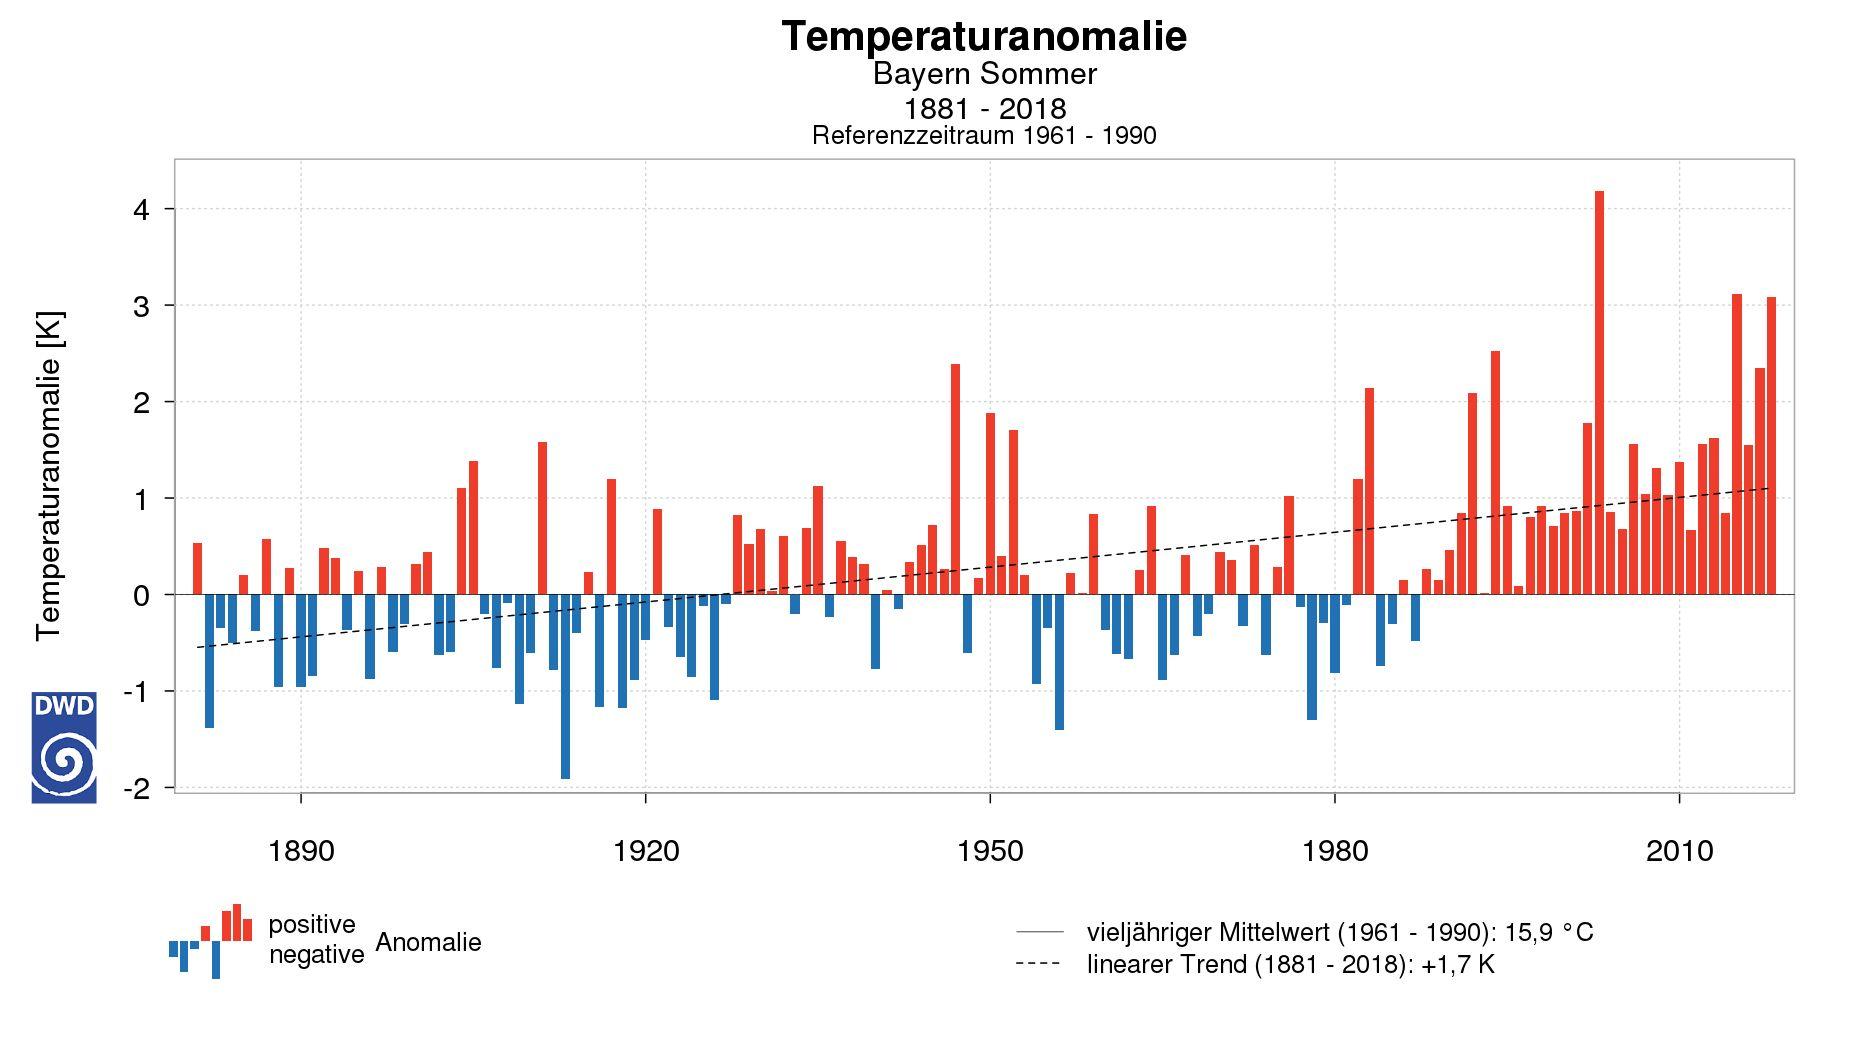 Der Anstieg der Sommer-Temperaturen in Bayern ist deutlich.